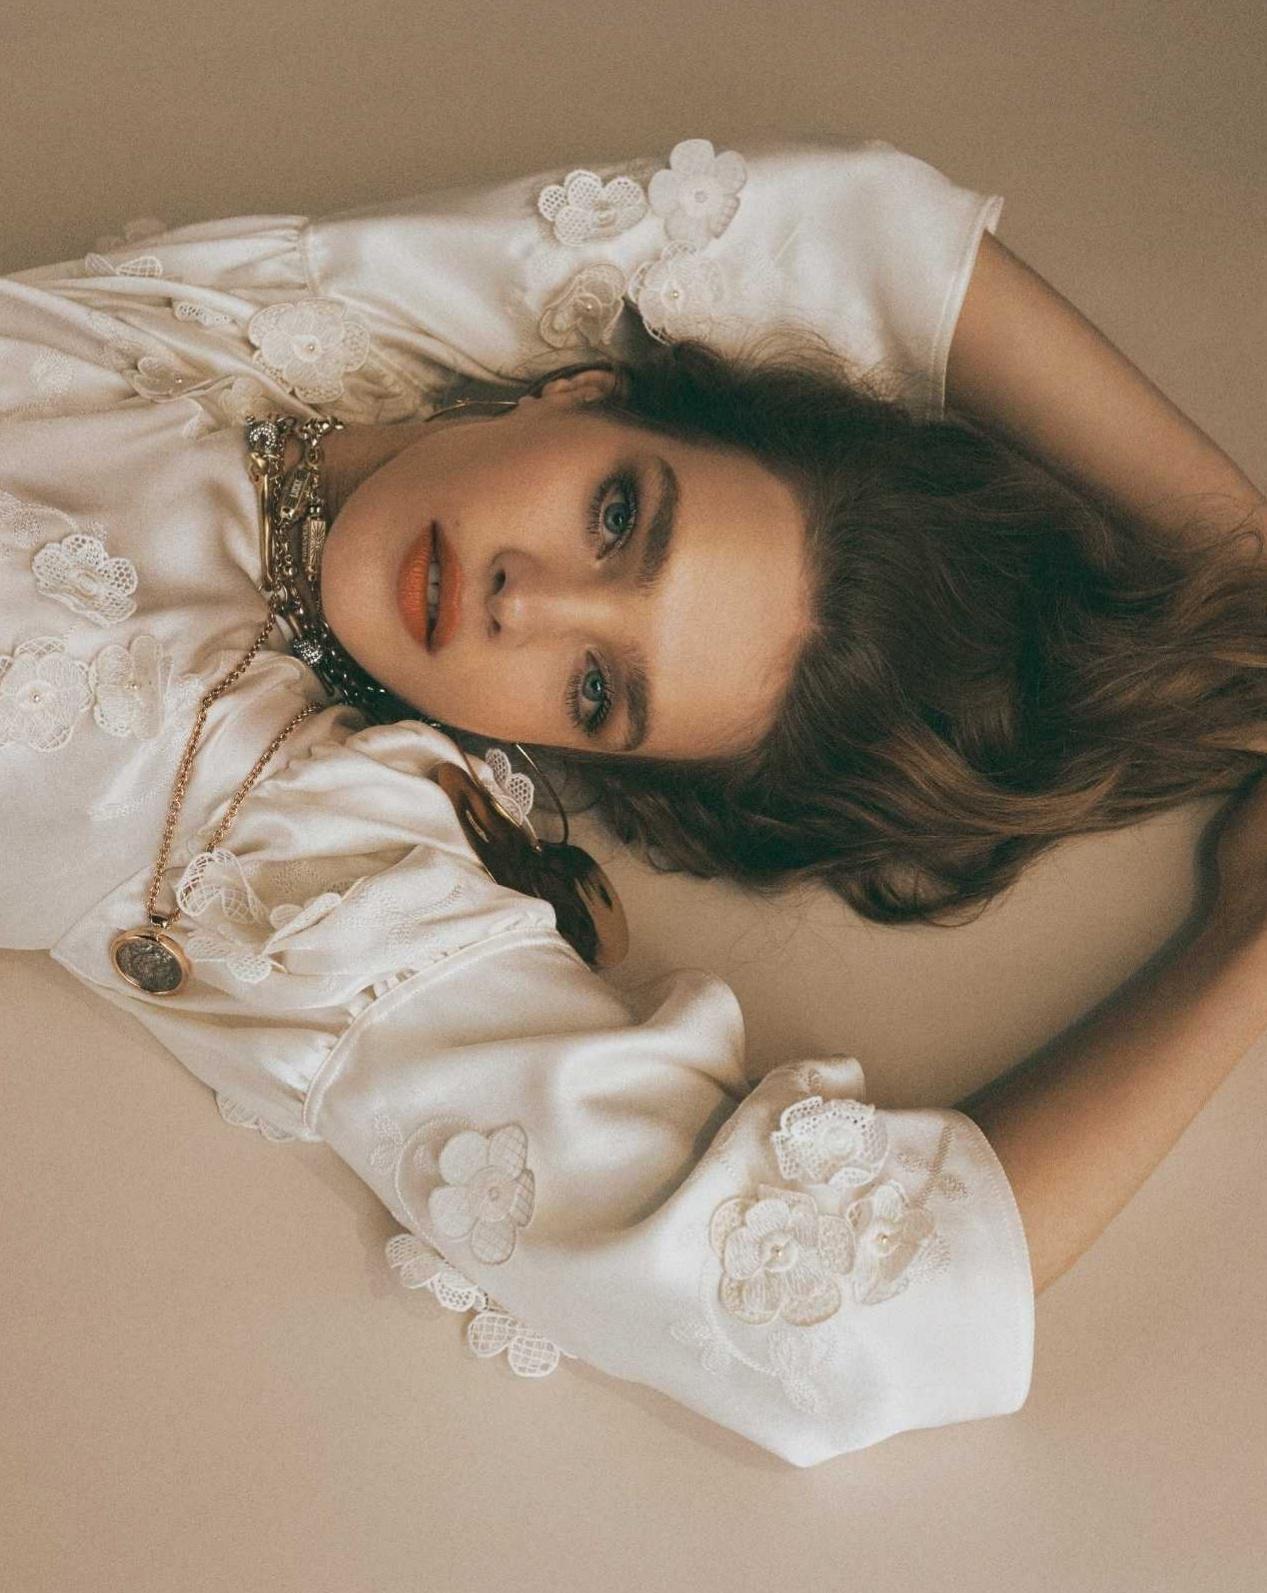 Par Karine Tuil Photos Van Mossevelde+N Réalisation Anne-Sophie Thomas